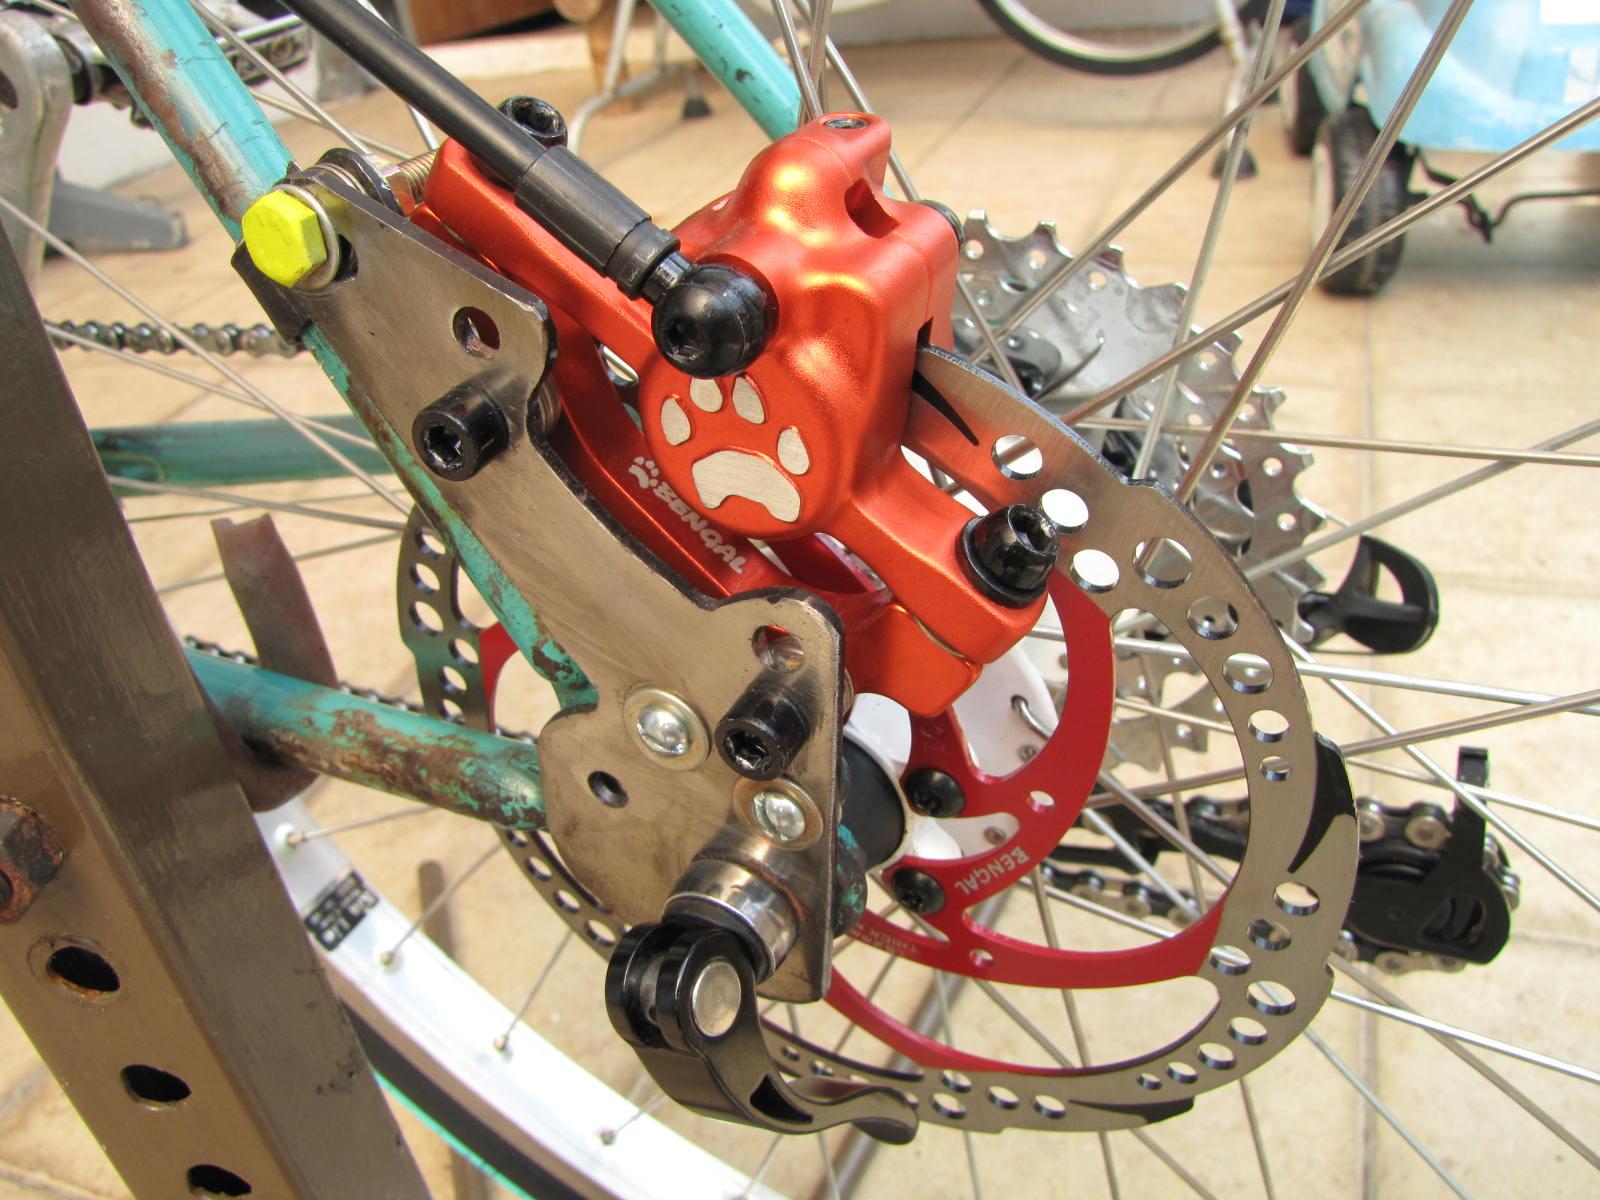 Modifikasi Disc Brake Pada Sepeda V Brake – portalsepeda